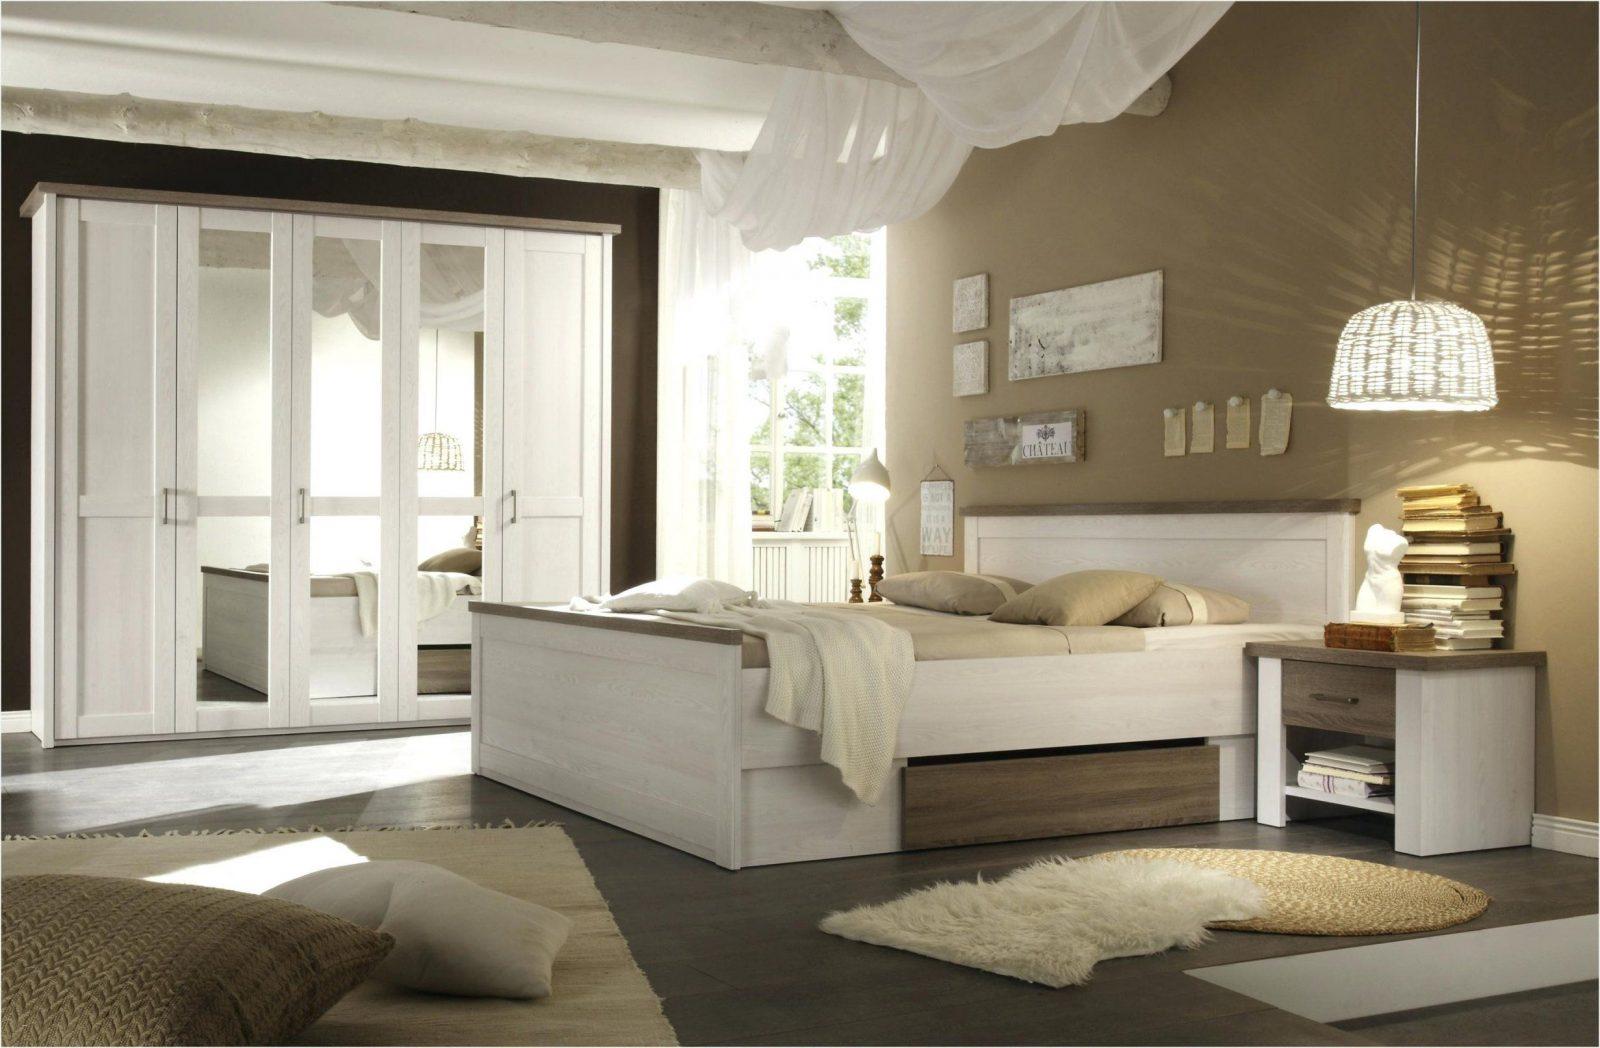 Wohnideen Kleines Zimmer Einrichten Ideen Auch Schön 4 Qm Küche von ...